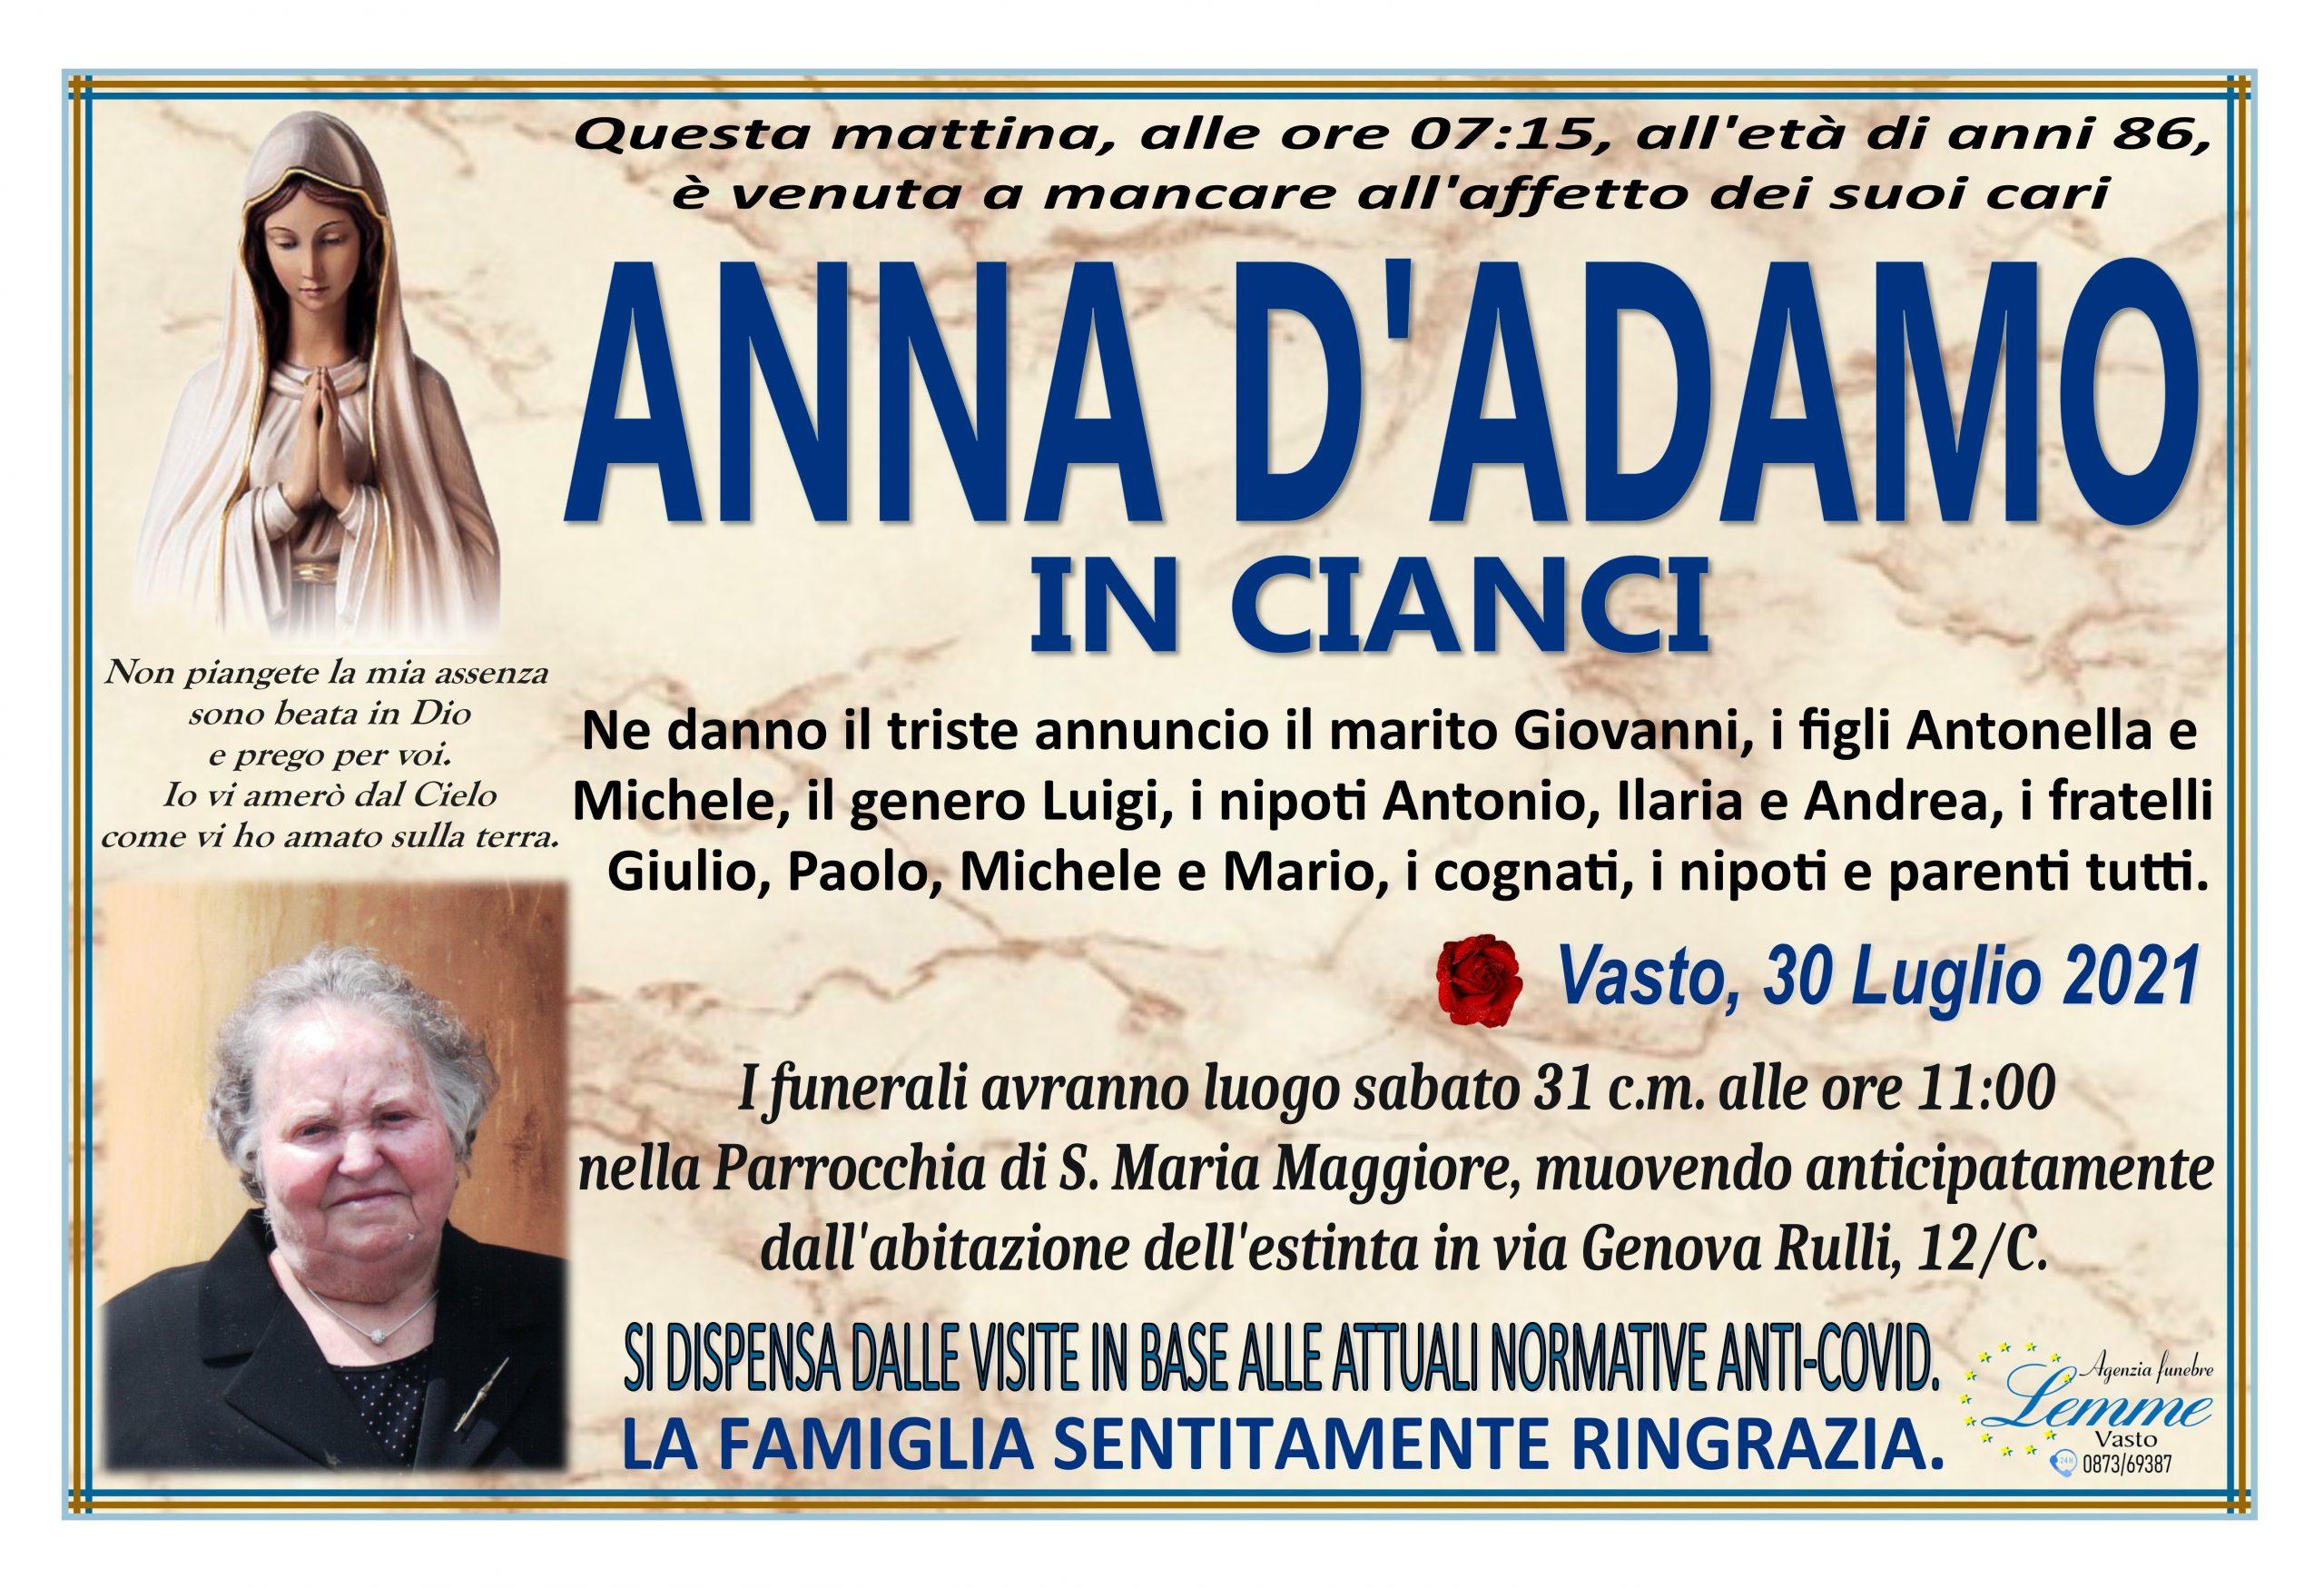 ANNA D'ADAMO